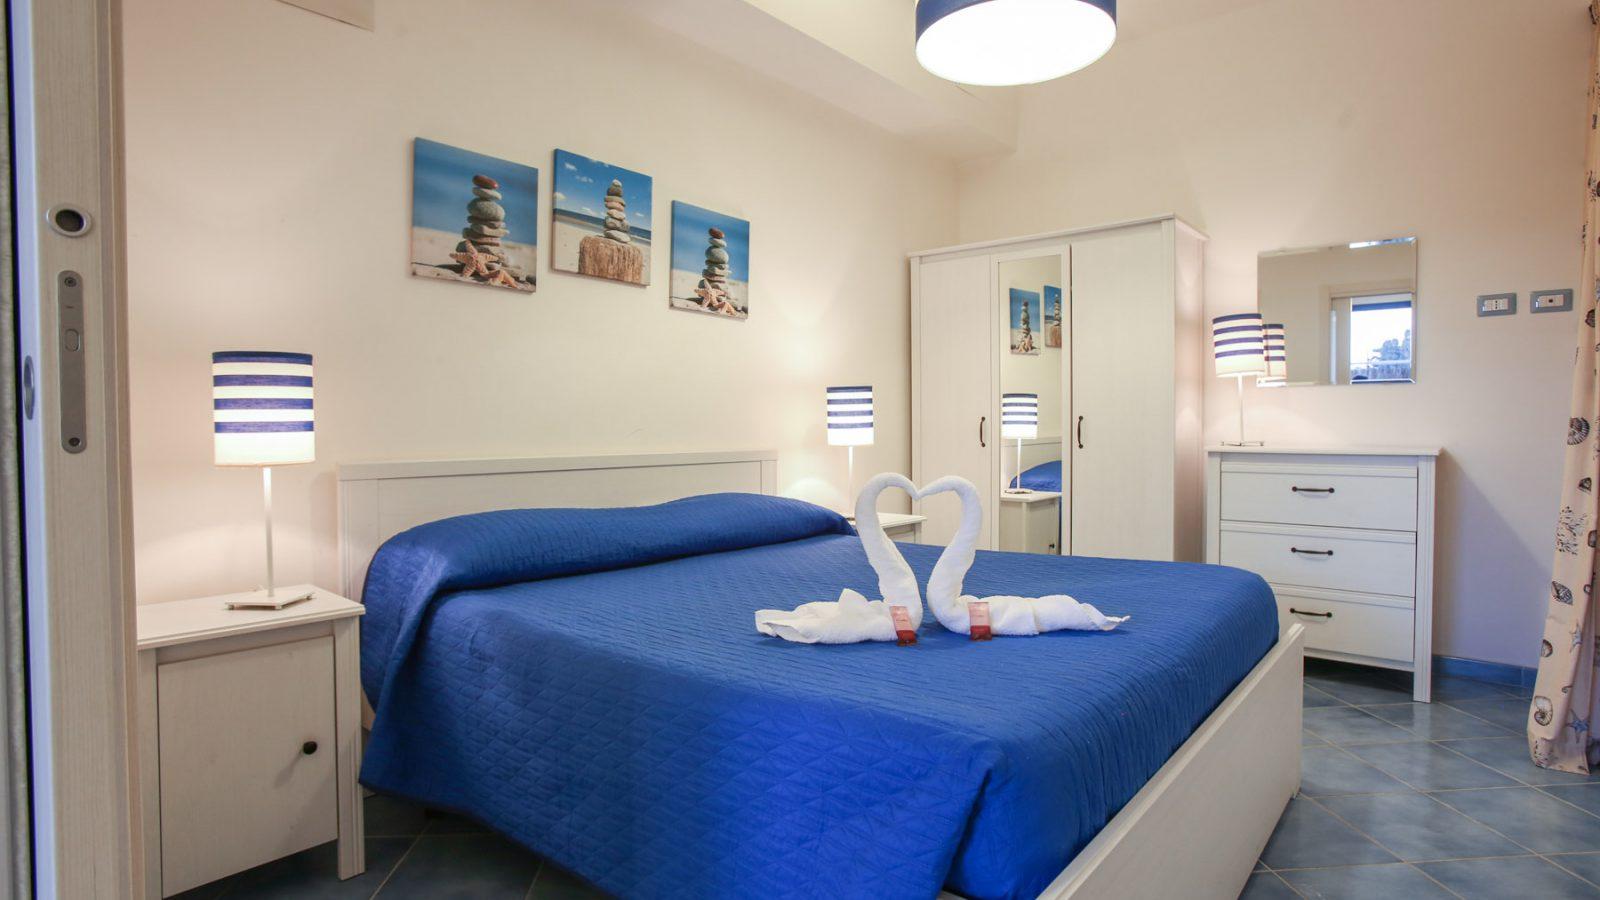 Affitto Case Vacanze Pozzallo Residence E Ville Mare